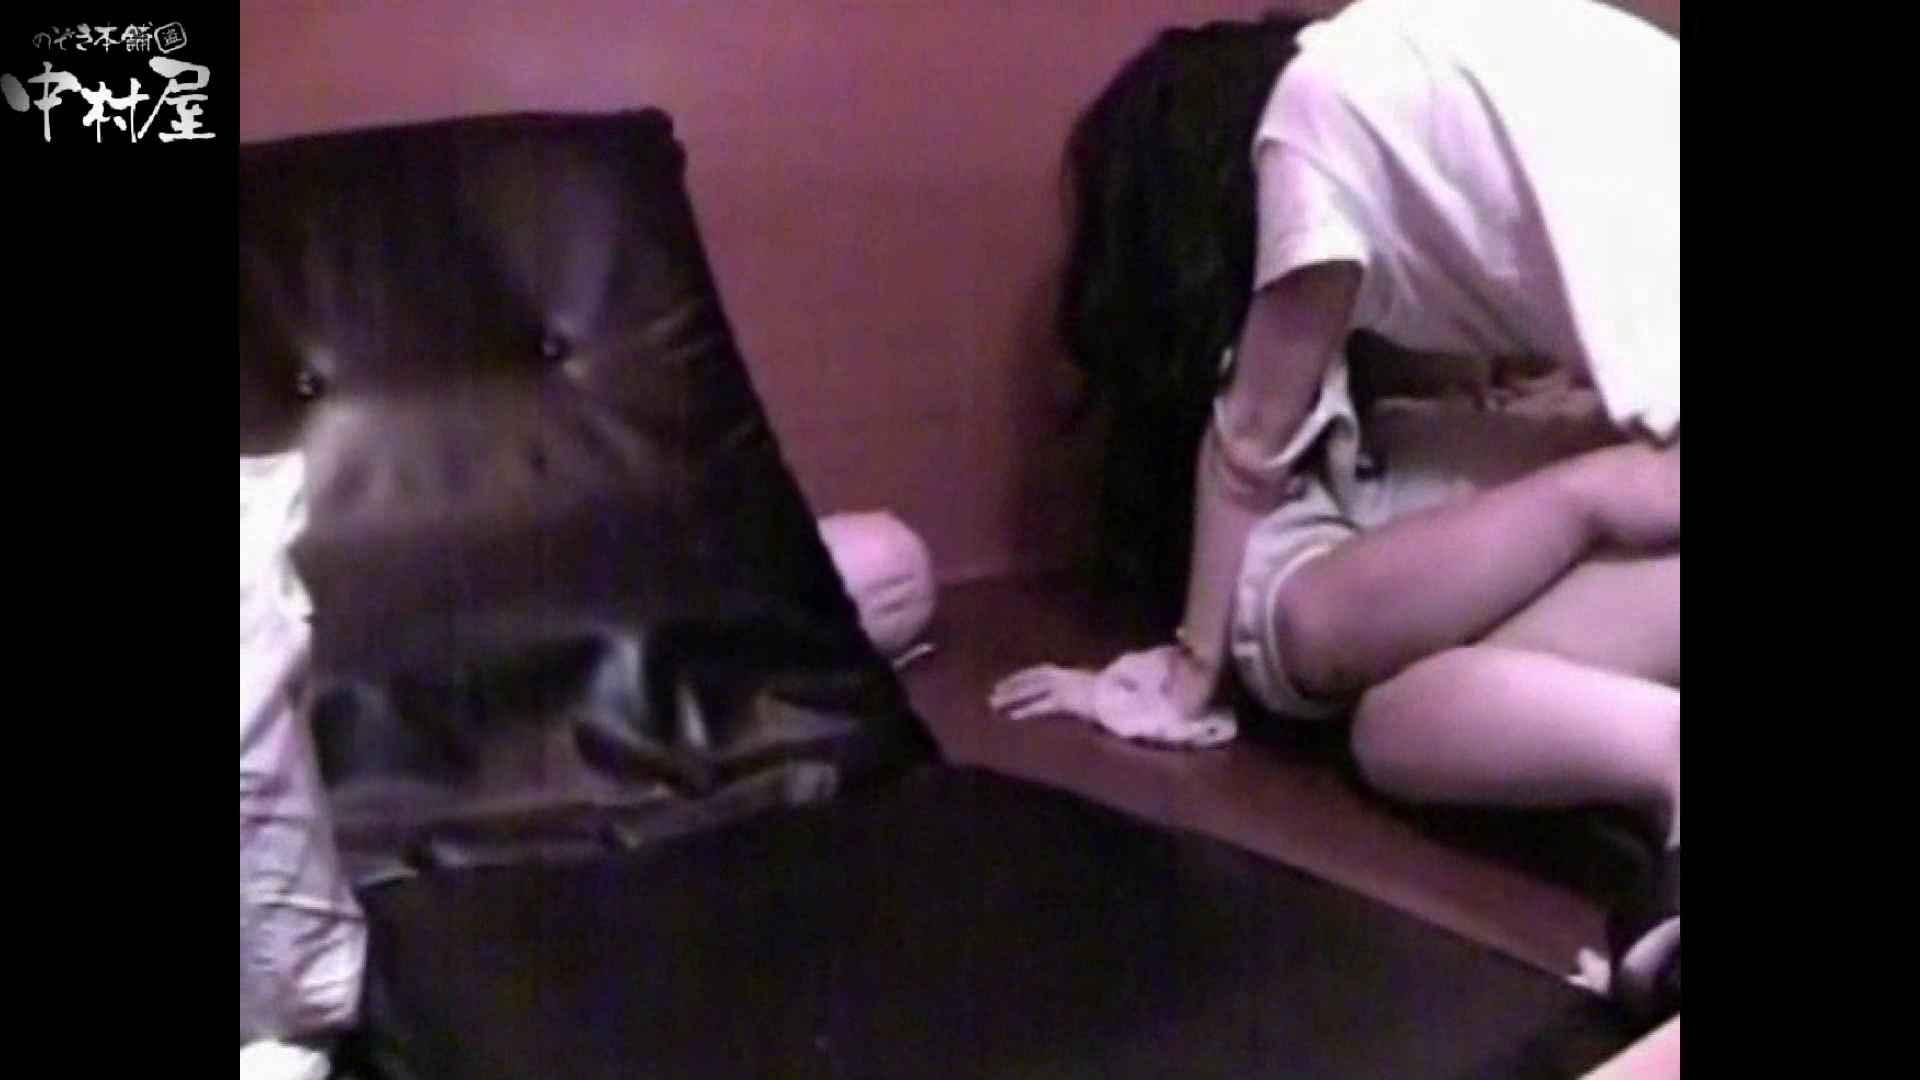 ネットカフェ盗撮師トロントさんの 素人カップル盗撮記vol.5 カップル 性交動画流出 94連発 84